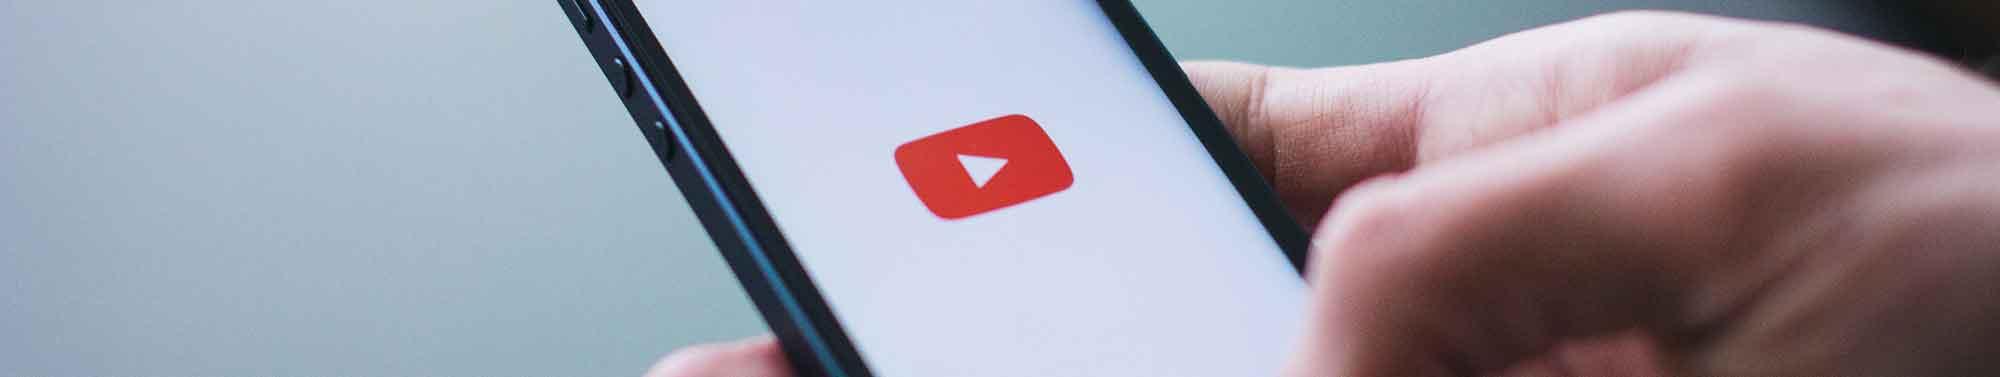 ¿Cómo ganar dinero con youtube? Monetiza tus videos